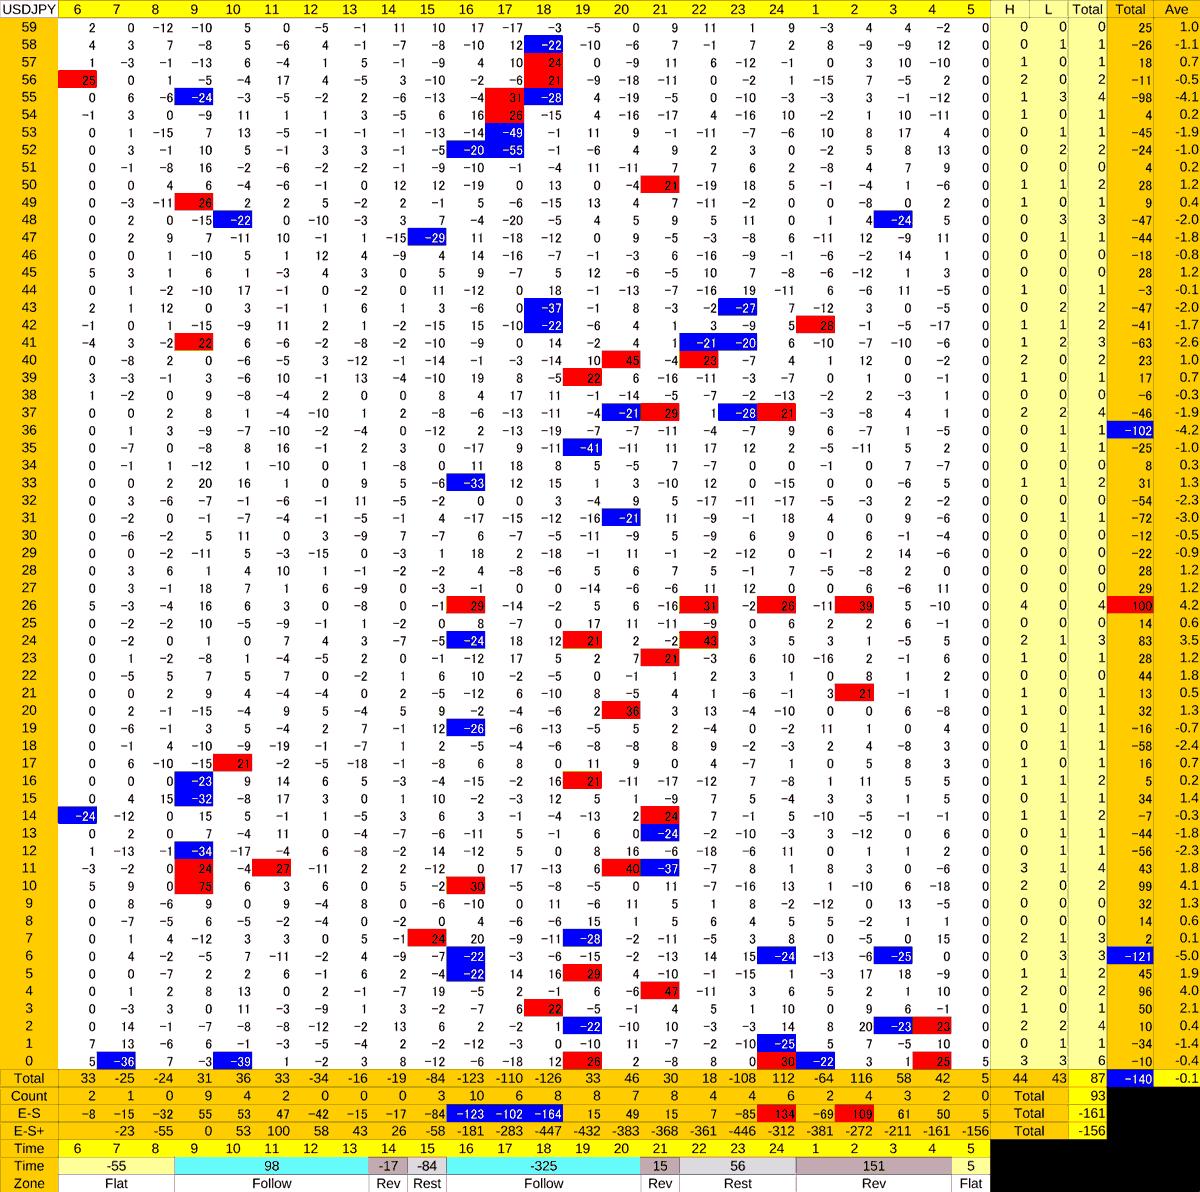 20200918_HS(1)USDJPY